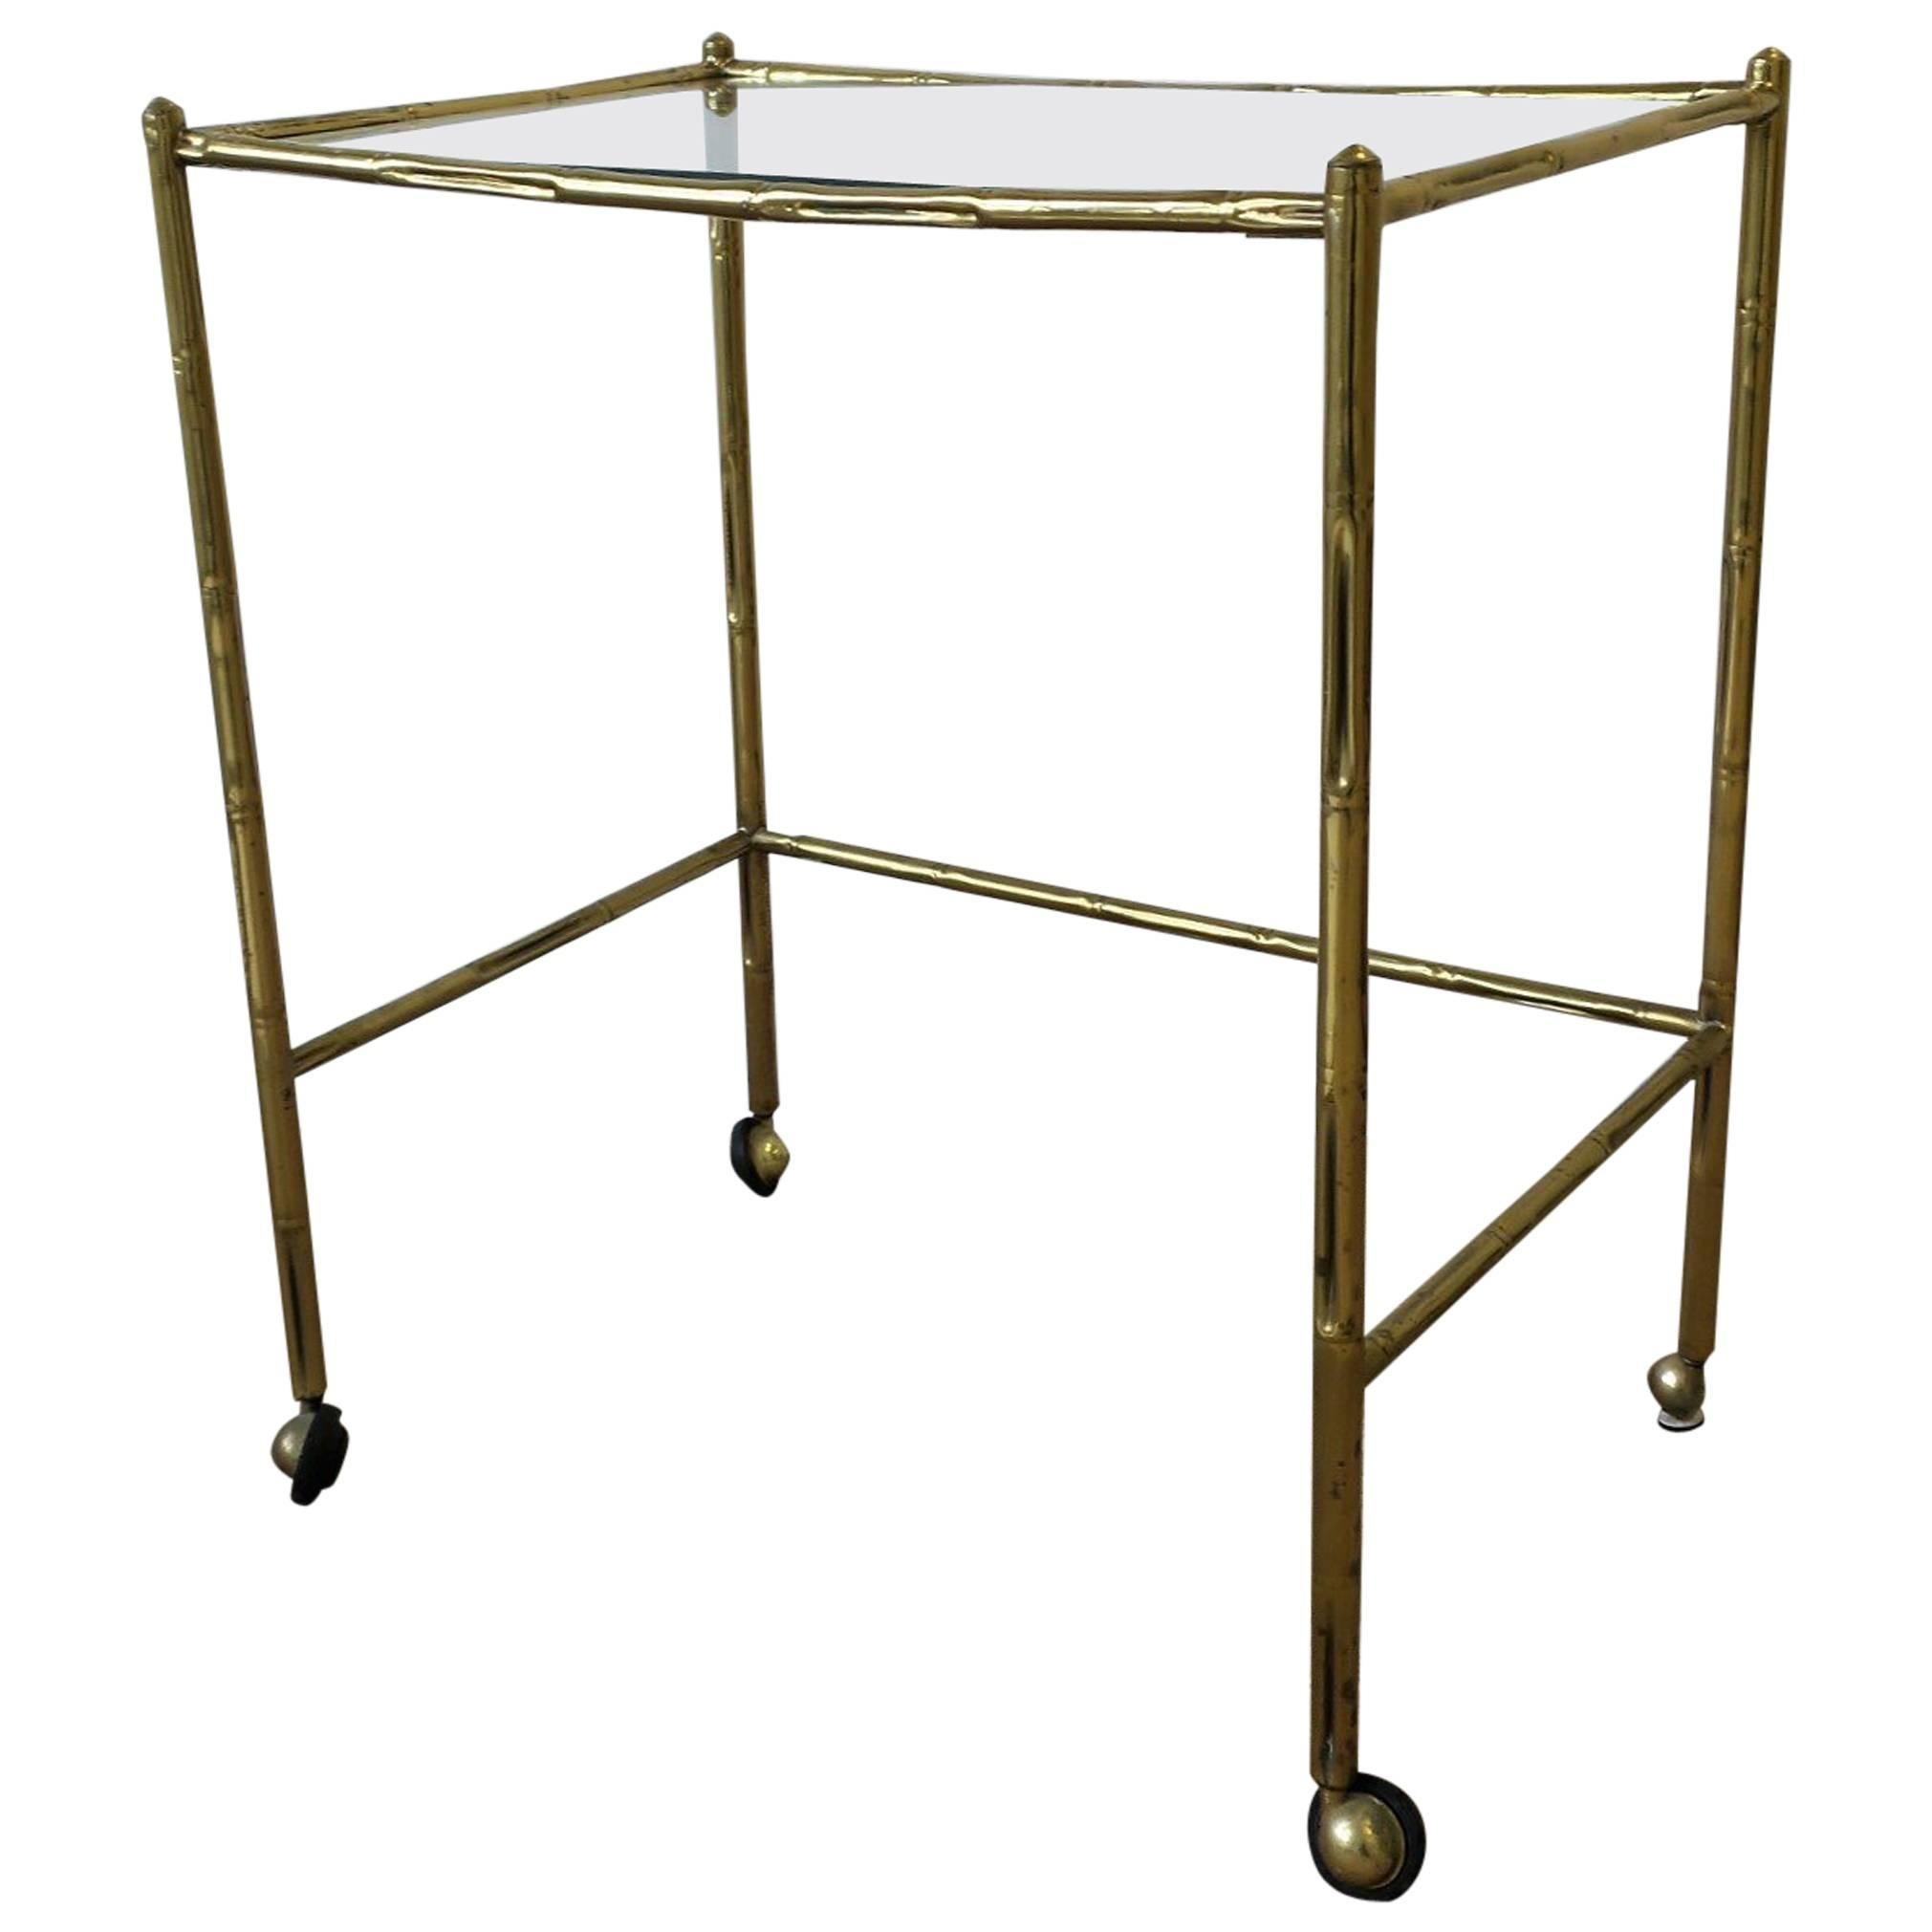 Italian Glass and Brass Bamboo Bar Cart